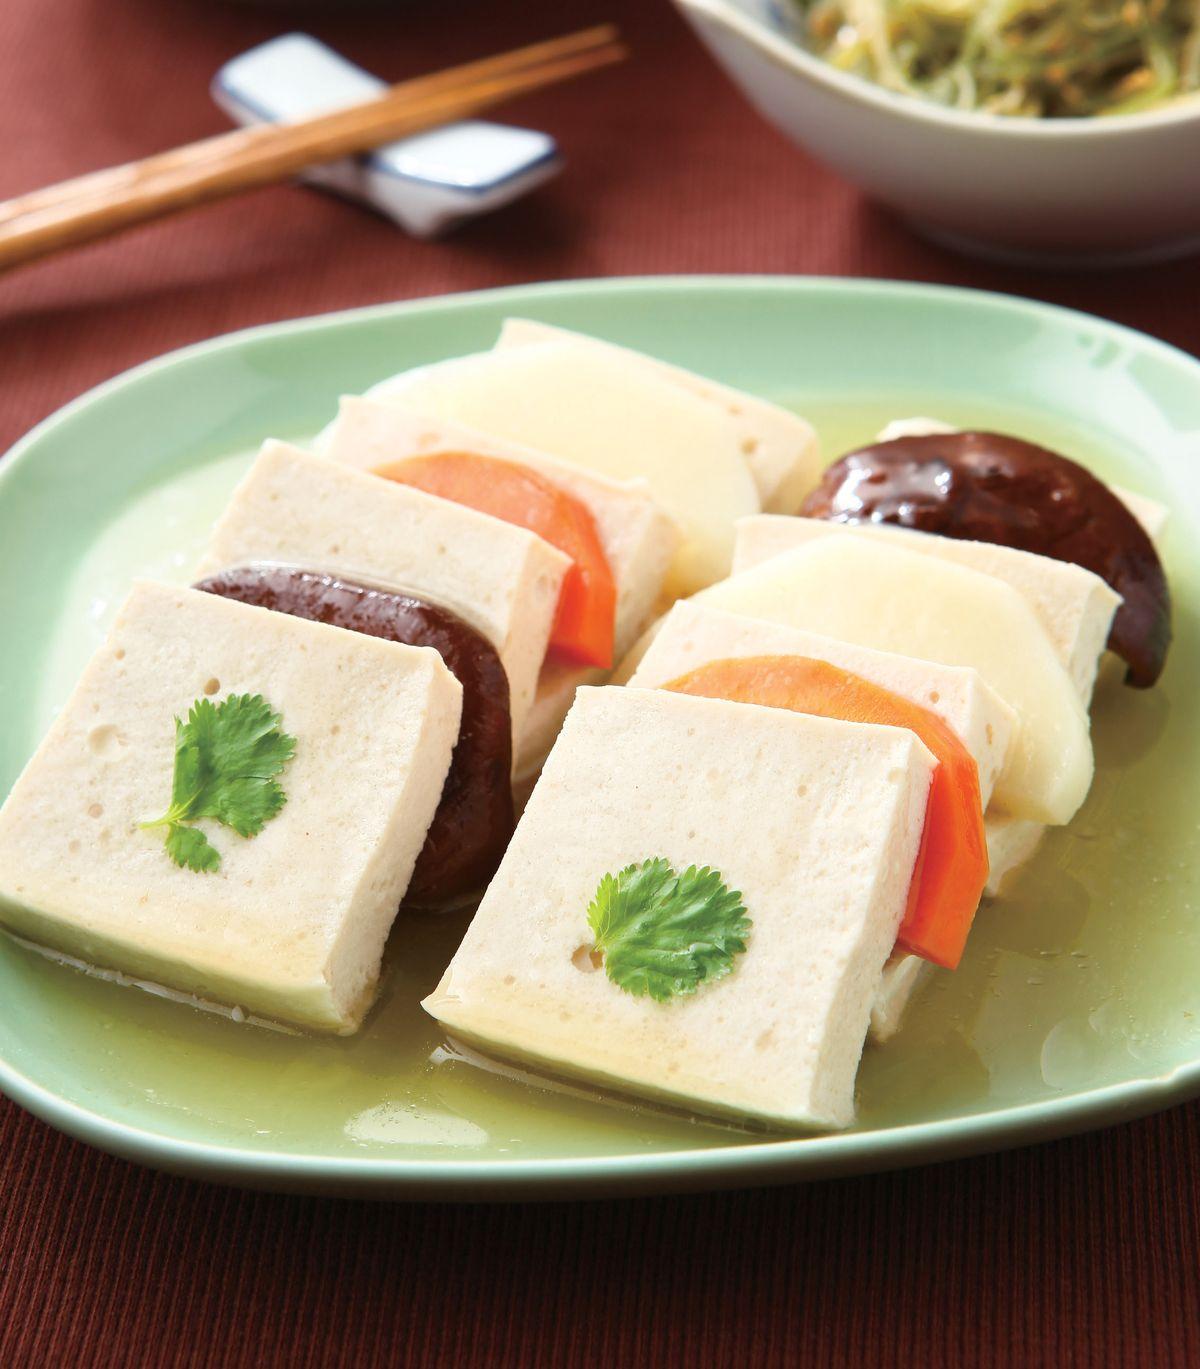 食譜:蒸三色豆腐